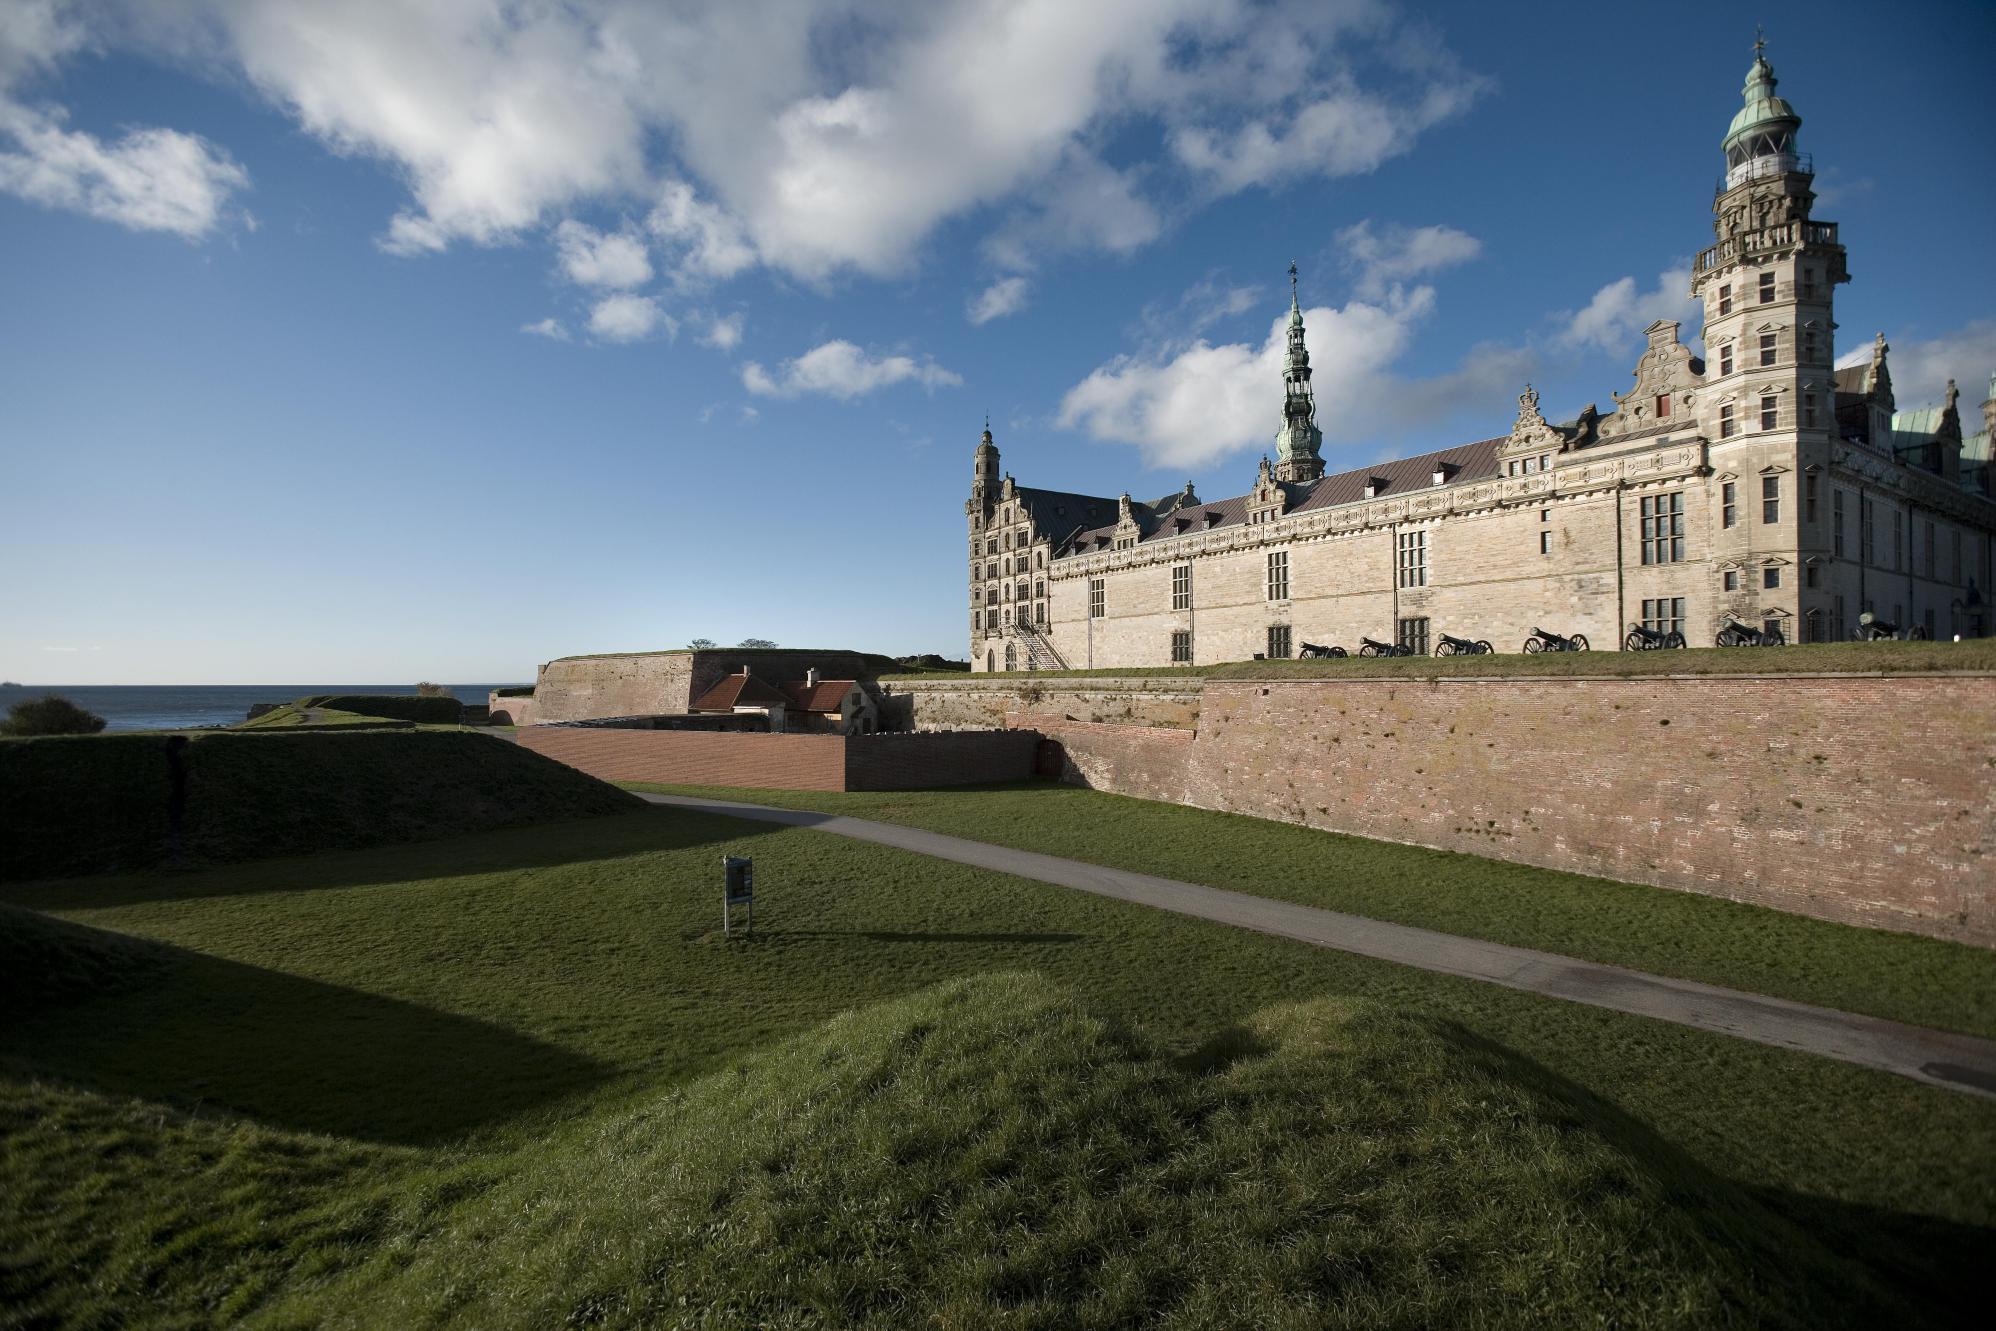 Zamek Kronborg wDanii. Wycieczki promem doSkandynawii – Hit The Road Travel